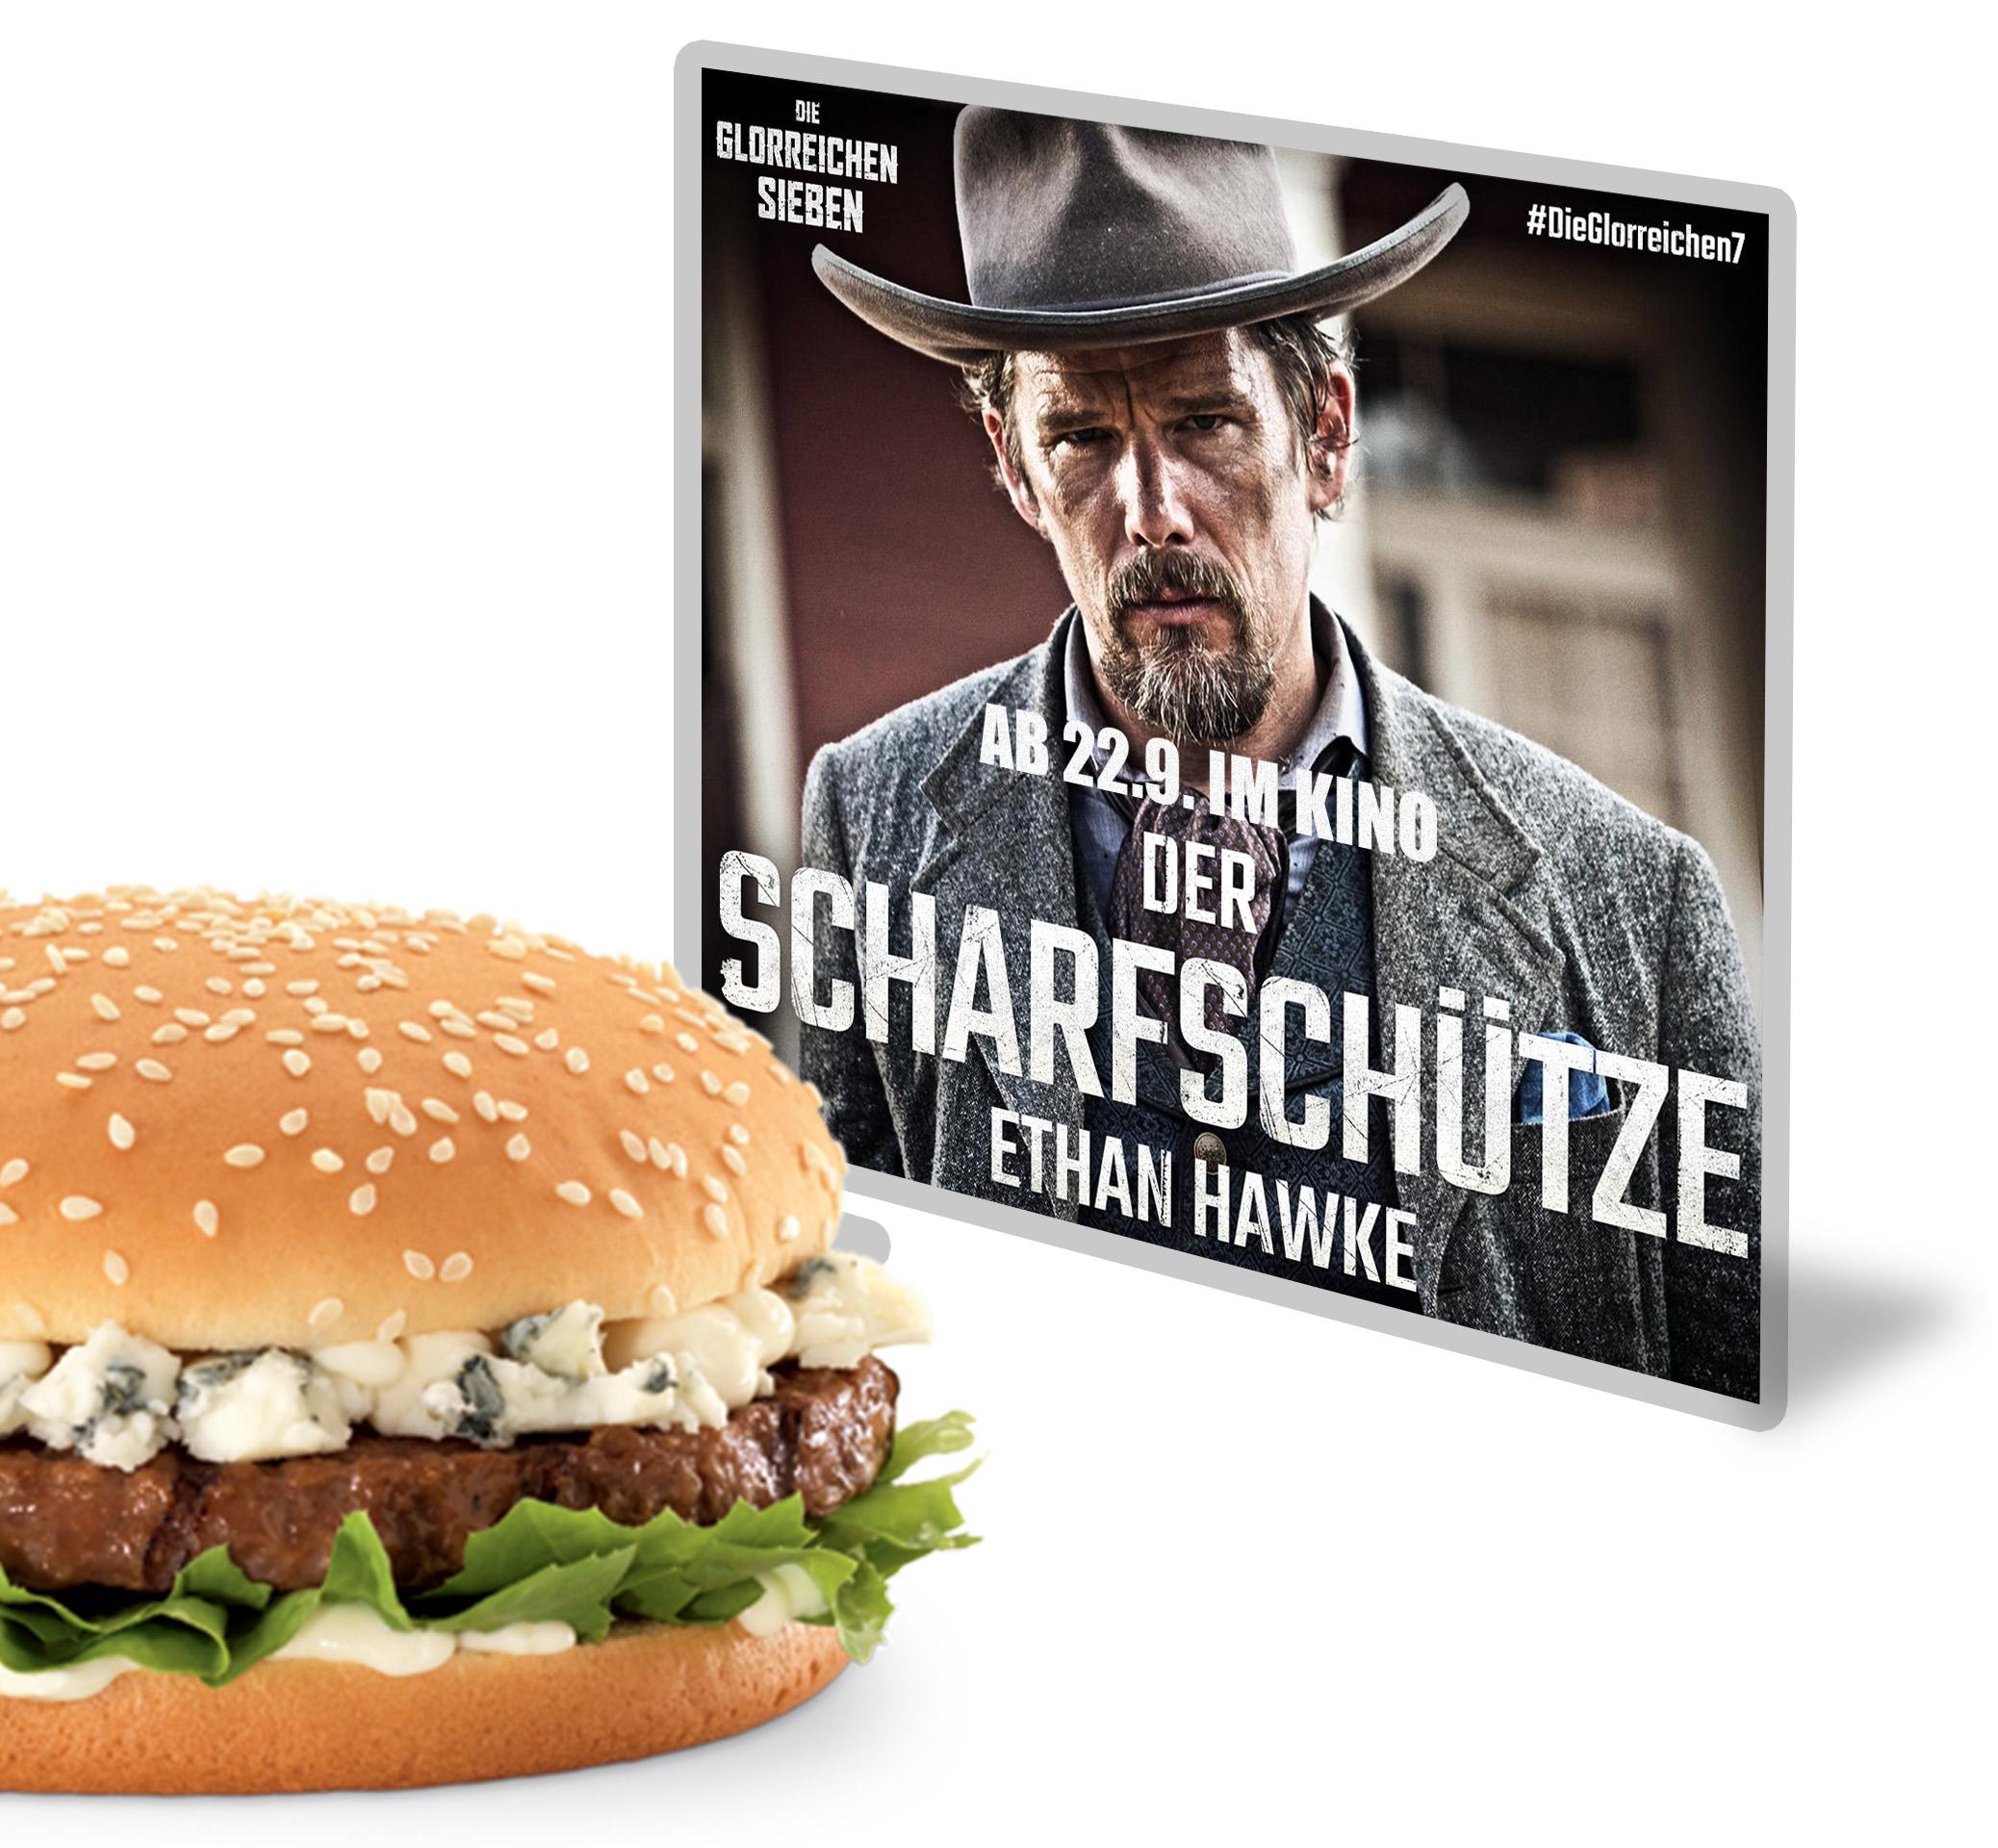 Die glorreichen 7 burgerme Gorgonzola Burger